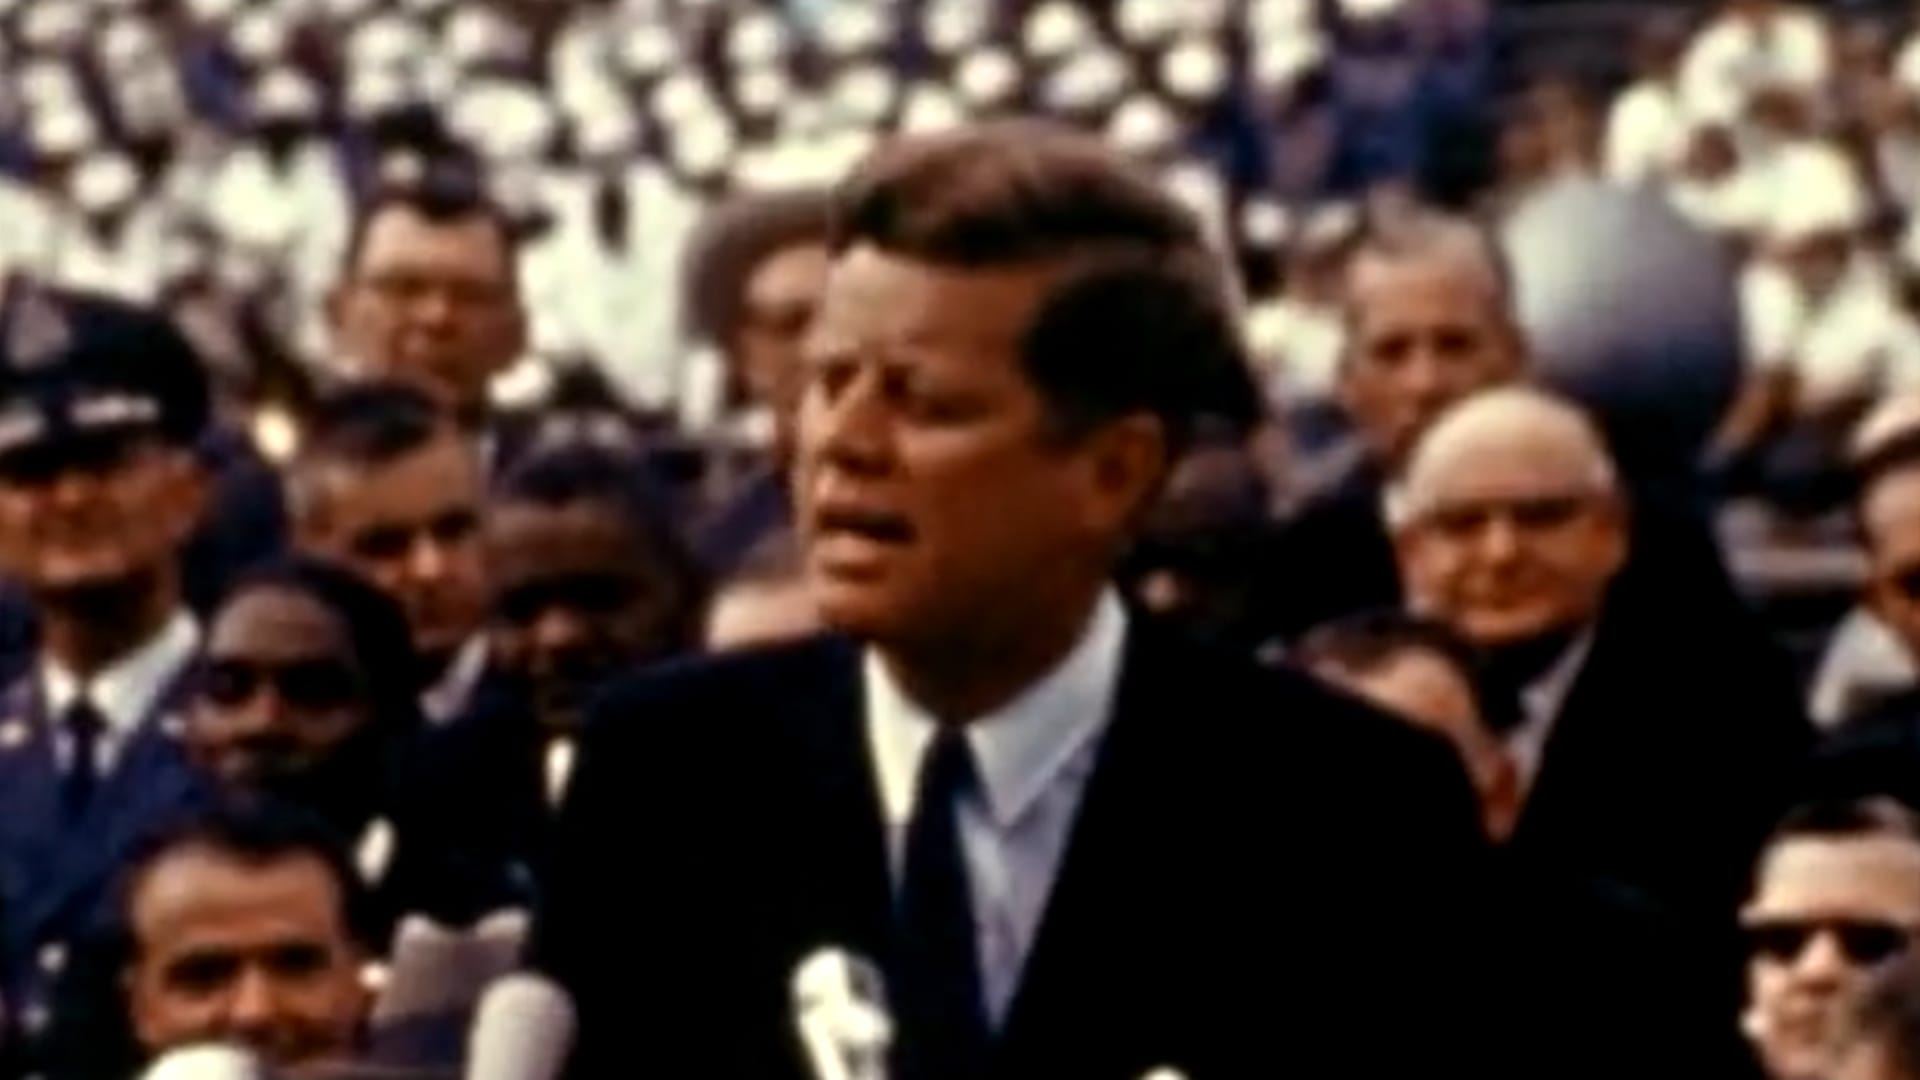 """""""نختار الذهاب إلى القمر"""".. كيف غيّر خطاب جون كينيدي الشهير مسار """"سباق الفضاء"""" بين الولايات المتحدة والاتحاد السوفييتي؟"""